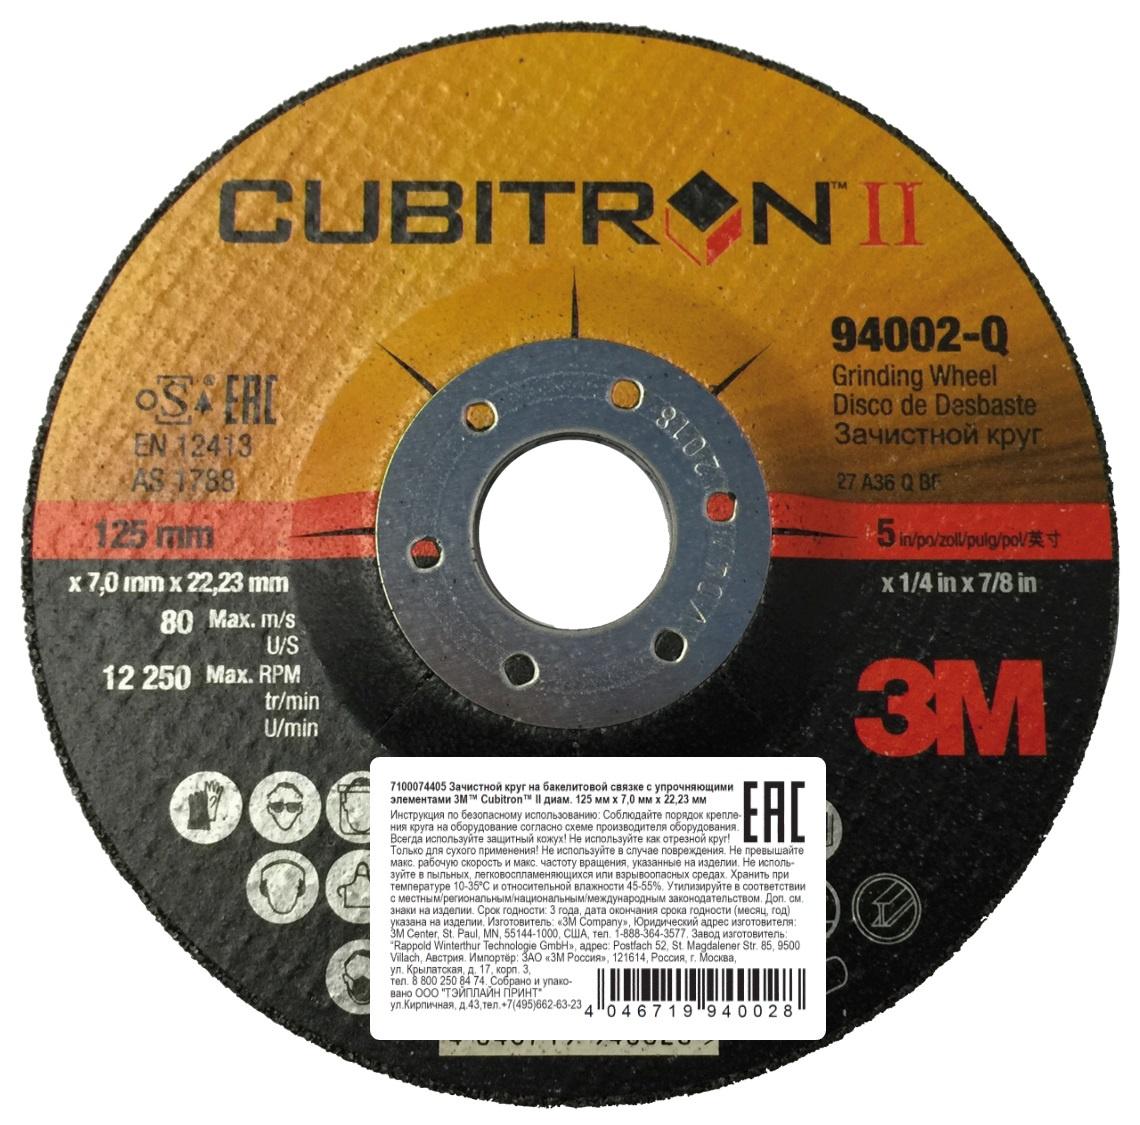 Круг зачистной 3M Cubitron II, 125 x 7 мм, 94002 technomax tm gmt 7